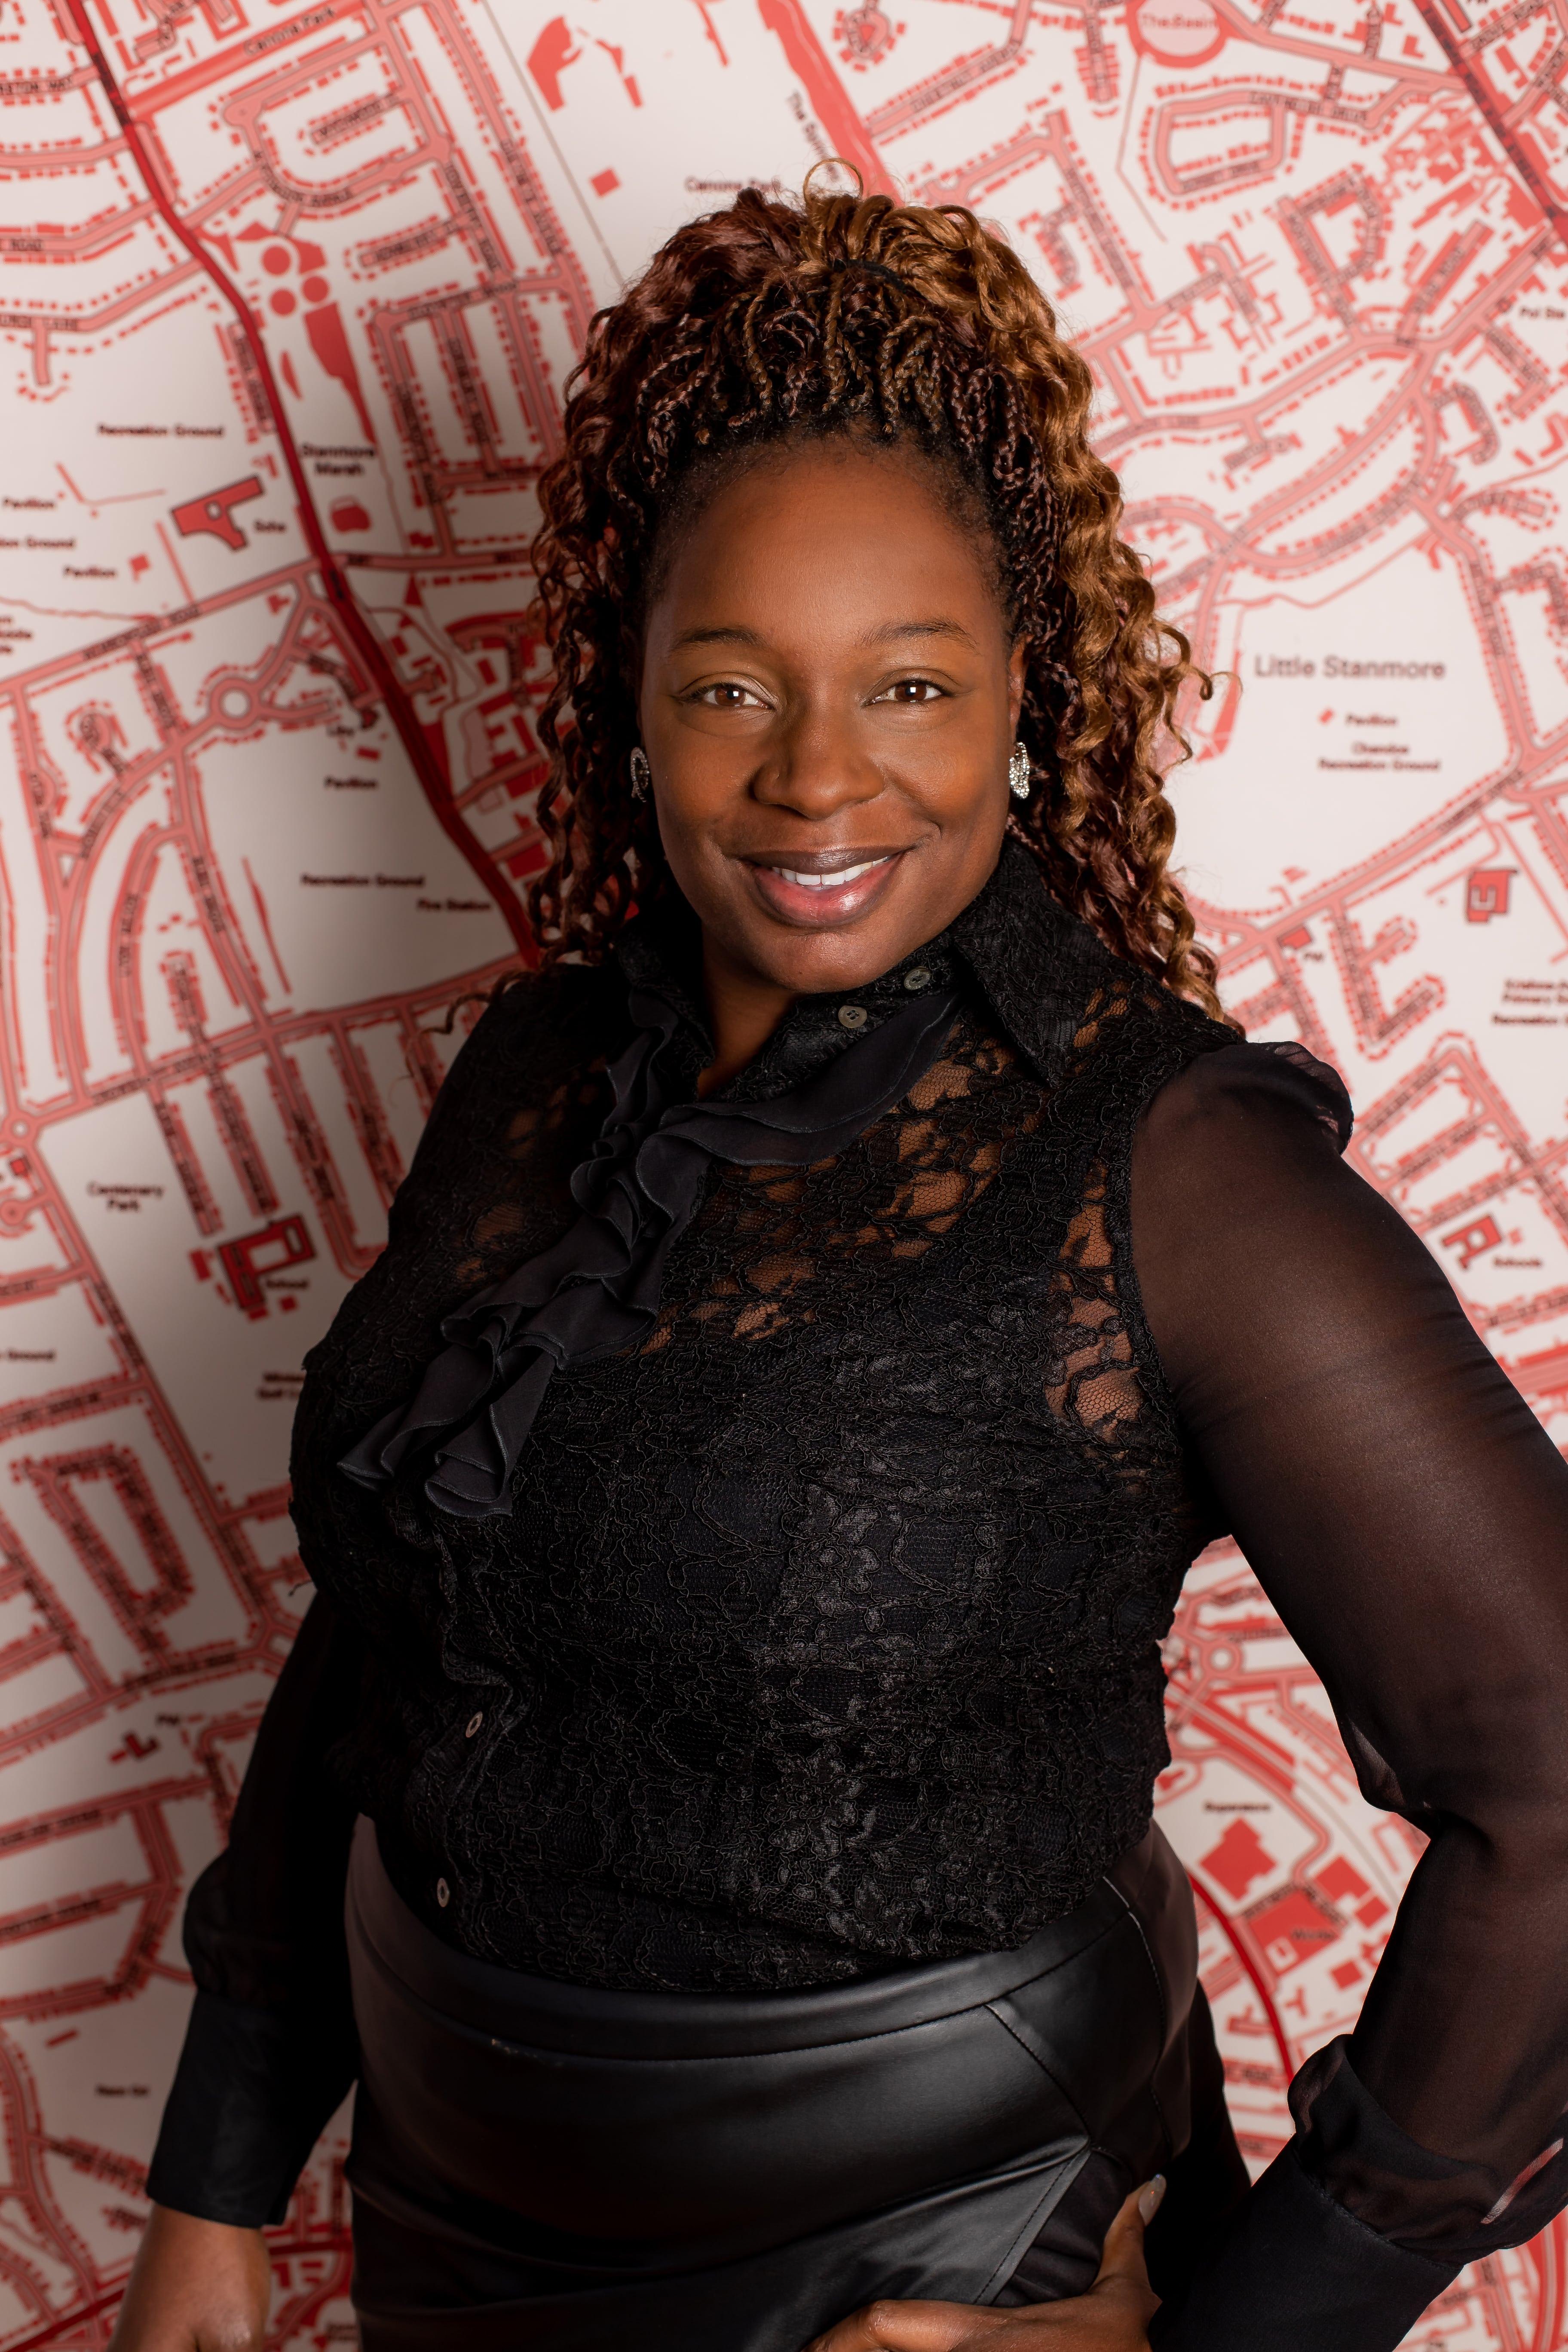 Carlene Clarke